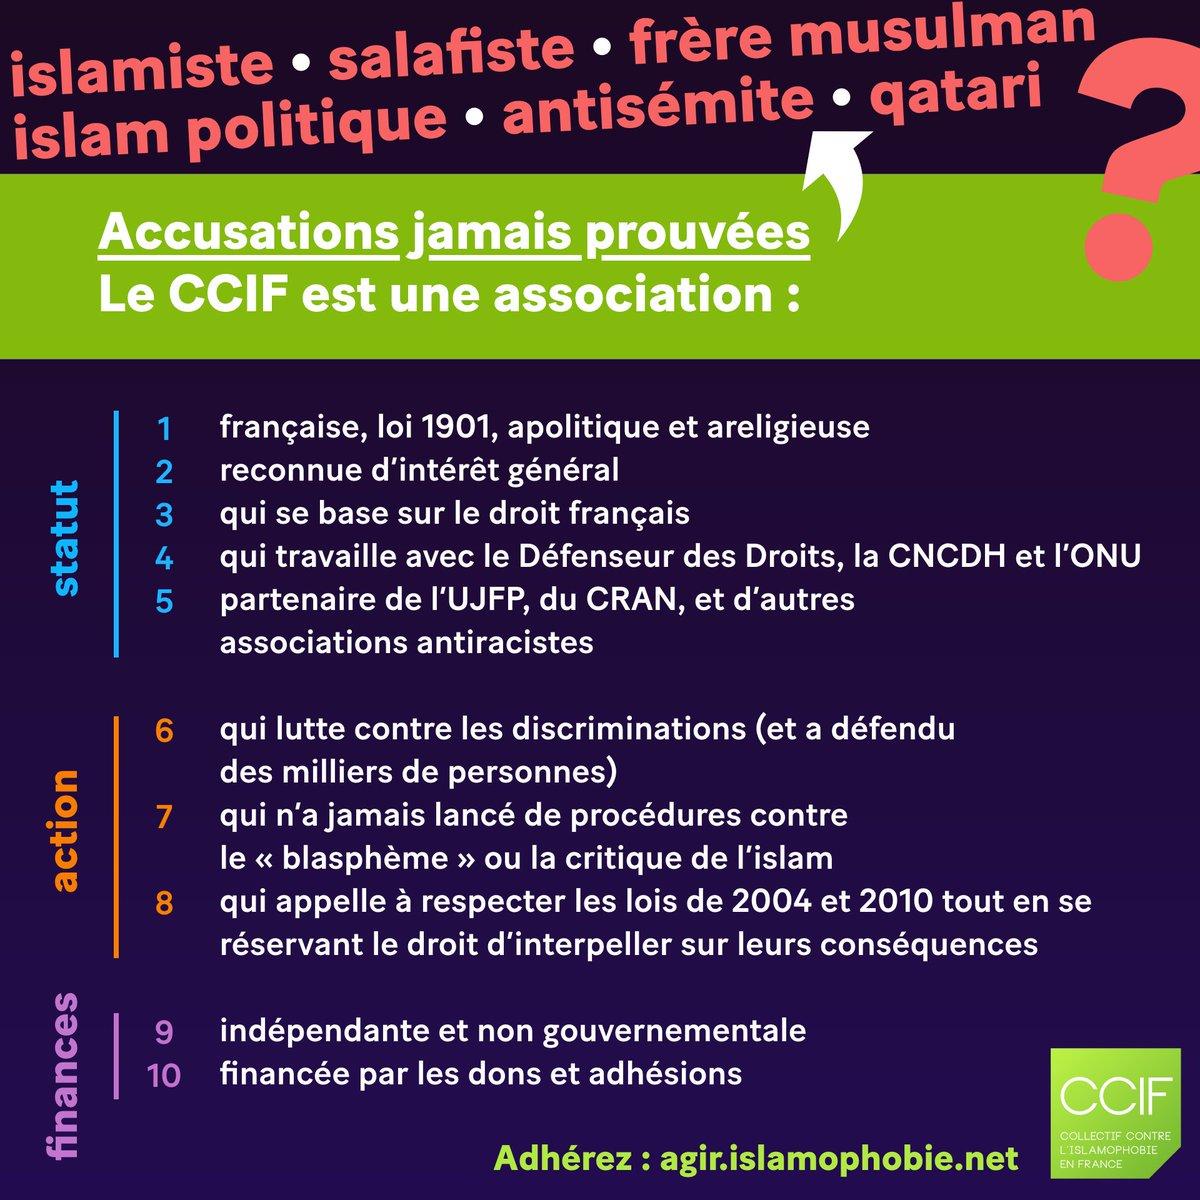 Le #CCIF est-il une organisation islamiste proche des Frères Musulmans ? Énième rappel. #Le10contrelislamophobie